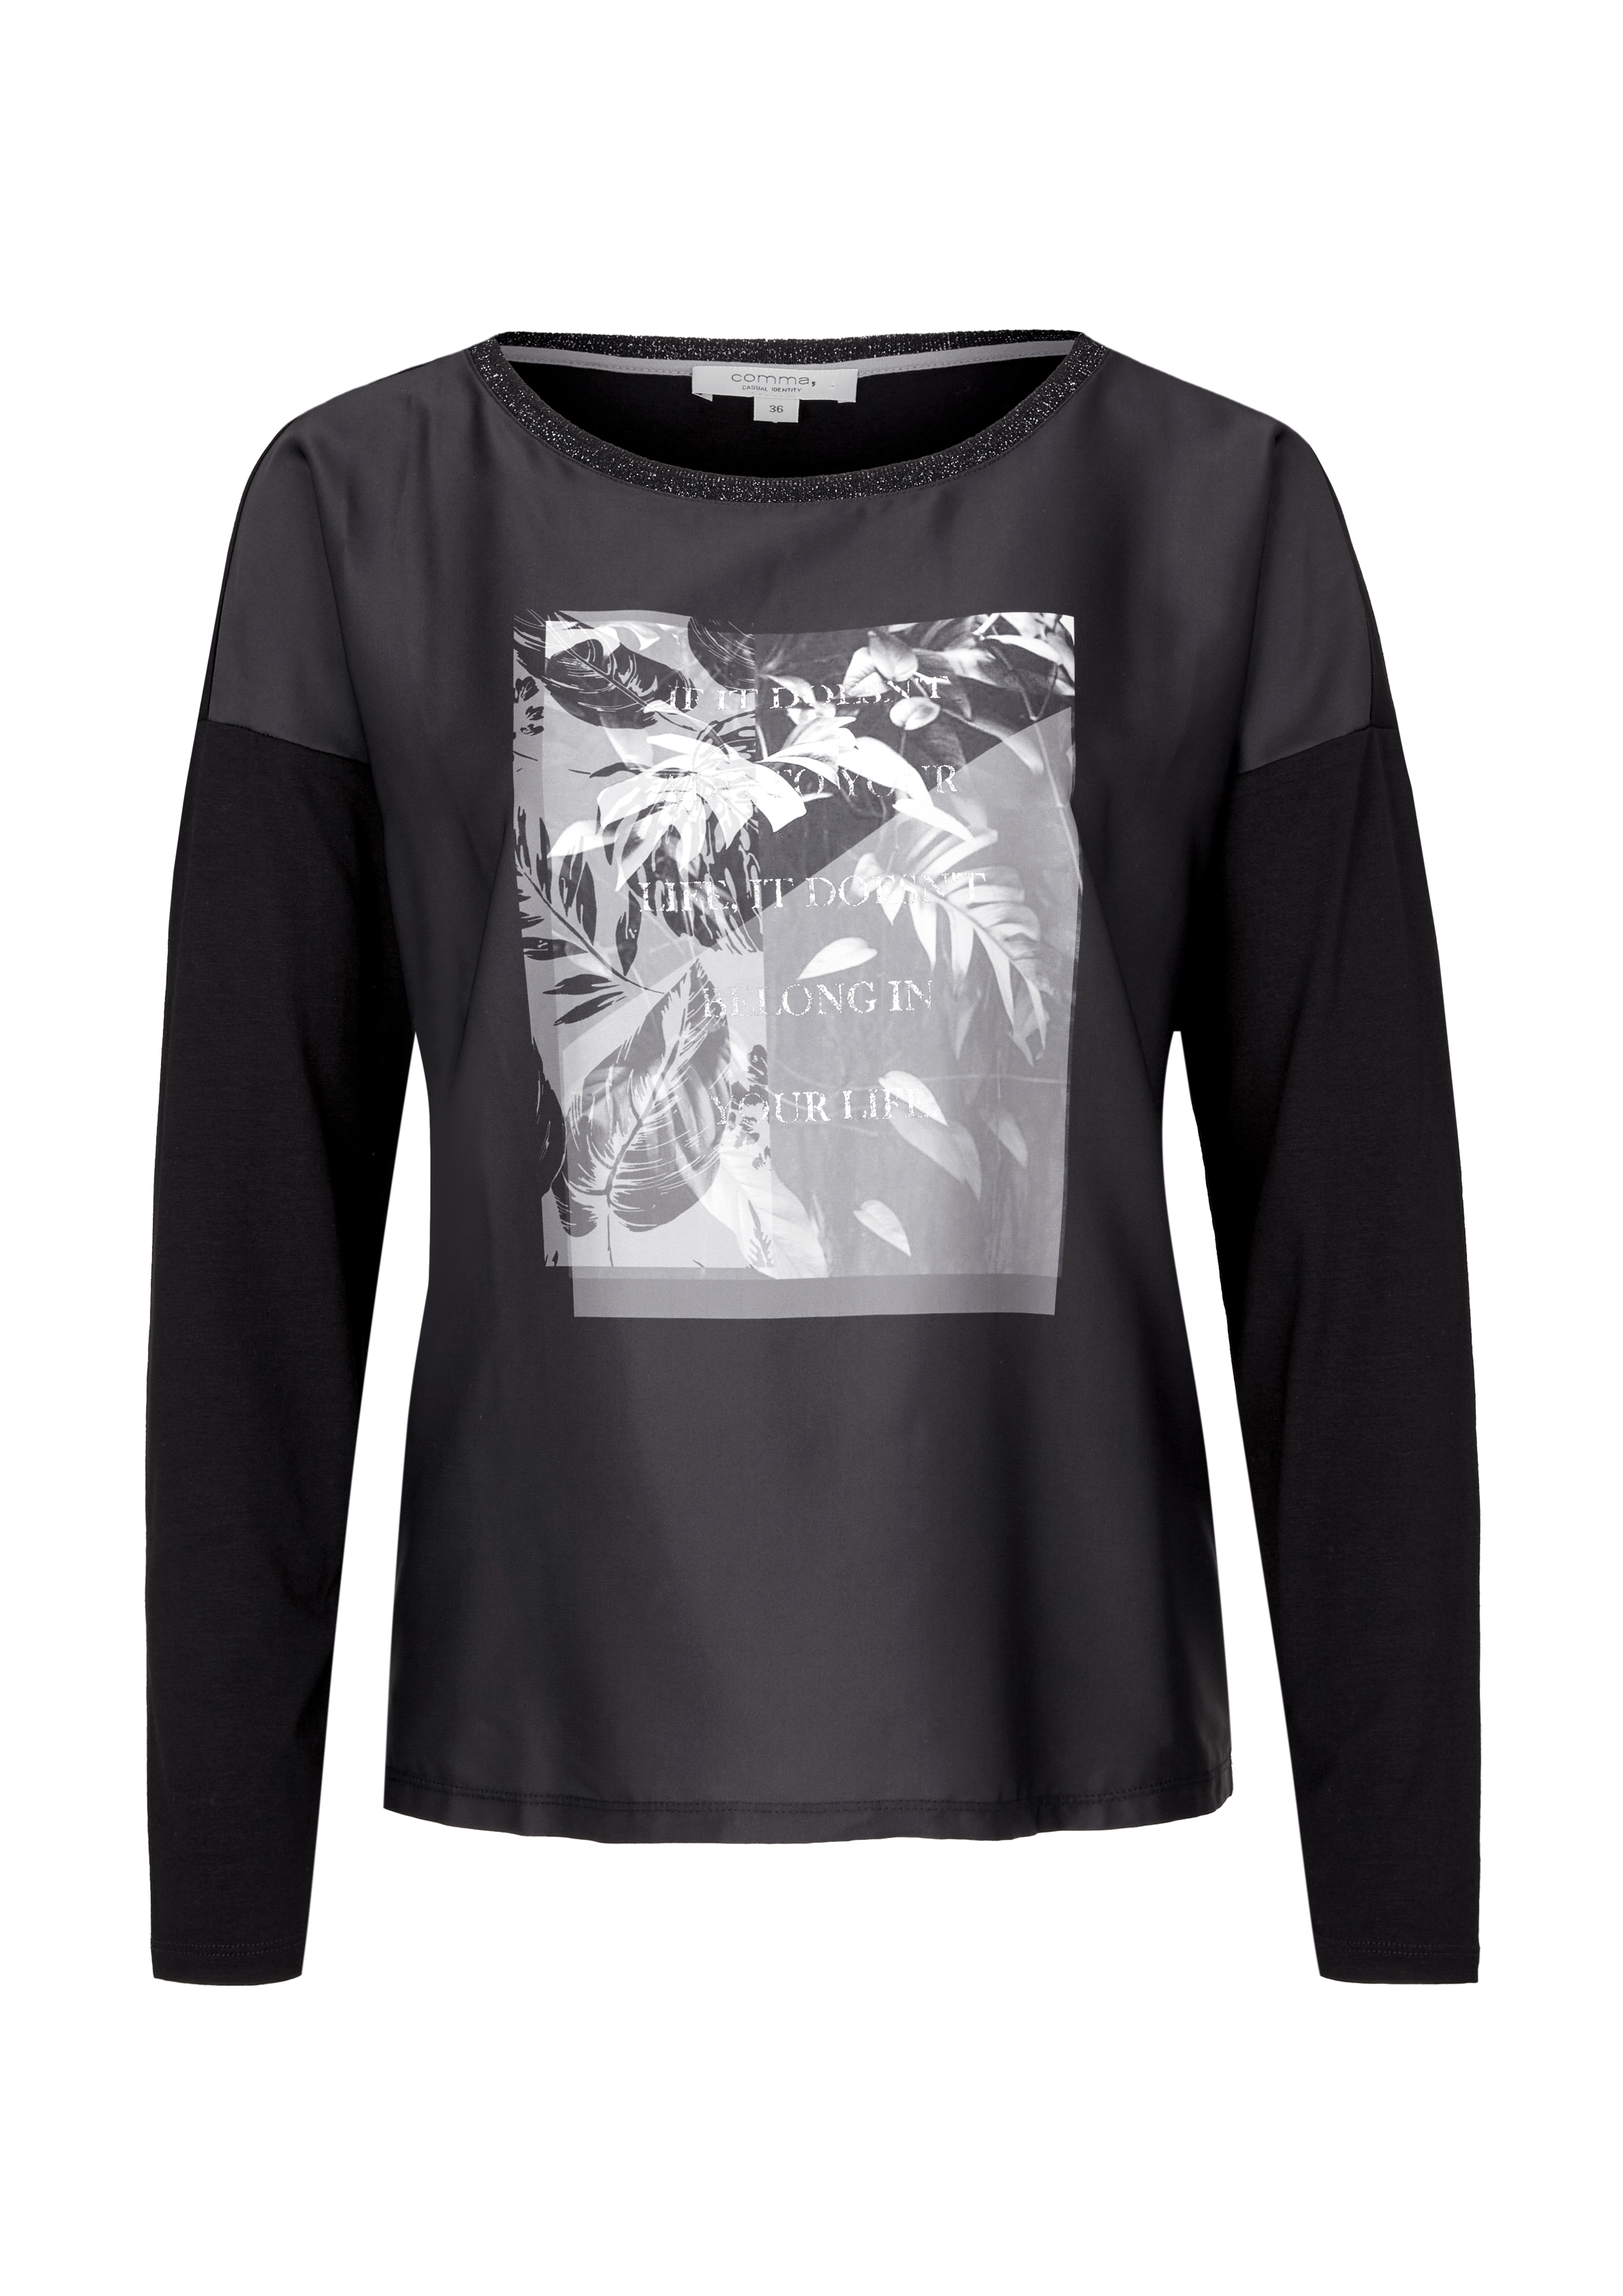 Langarmshirt | Bekleidung > Shirts | Grau/schwarz | 98% polyester -  2% elasthan | comma